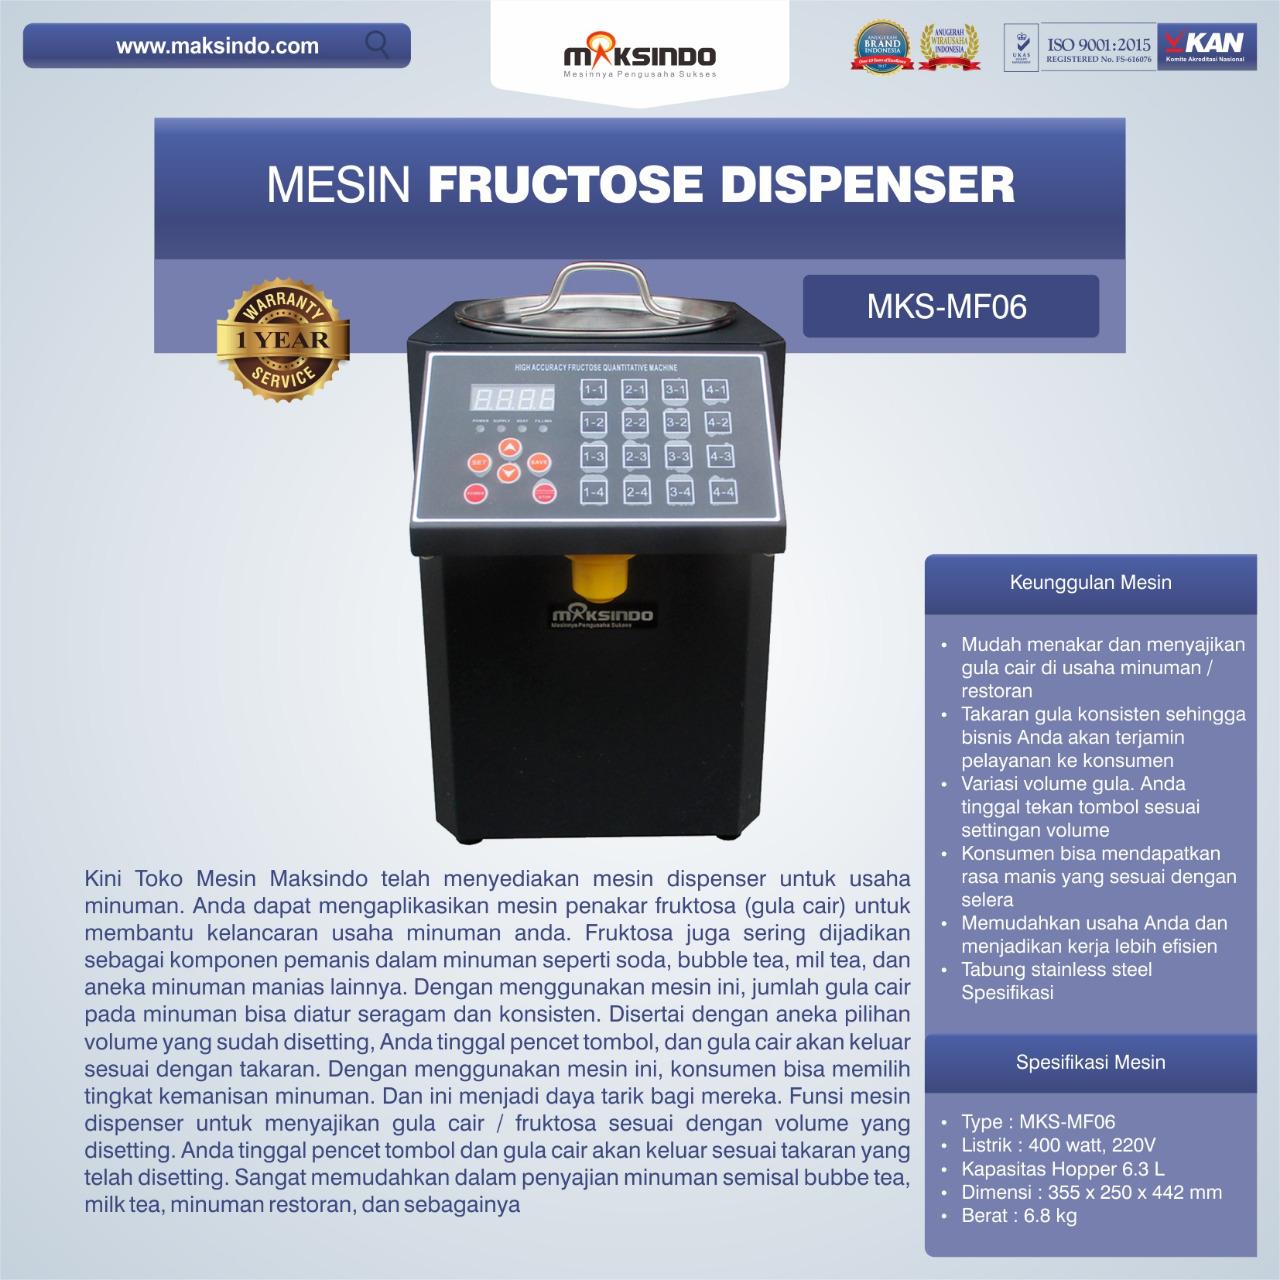 Jual Mesin Fructose Dispenser MKS-MF06 di Bogor